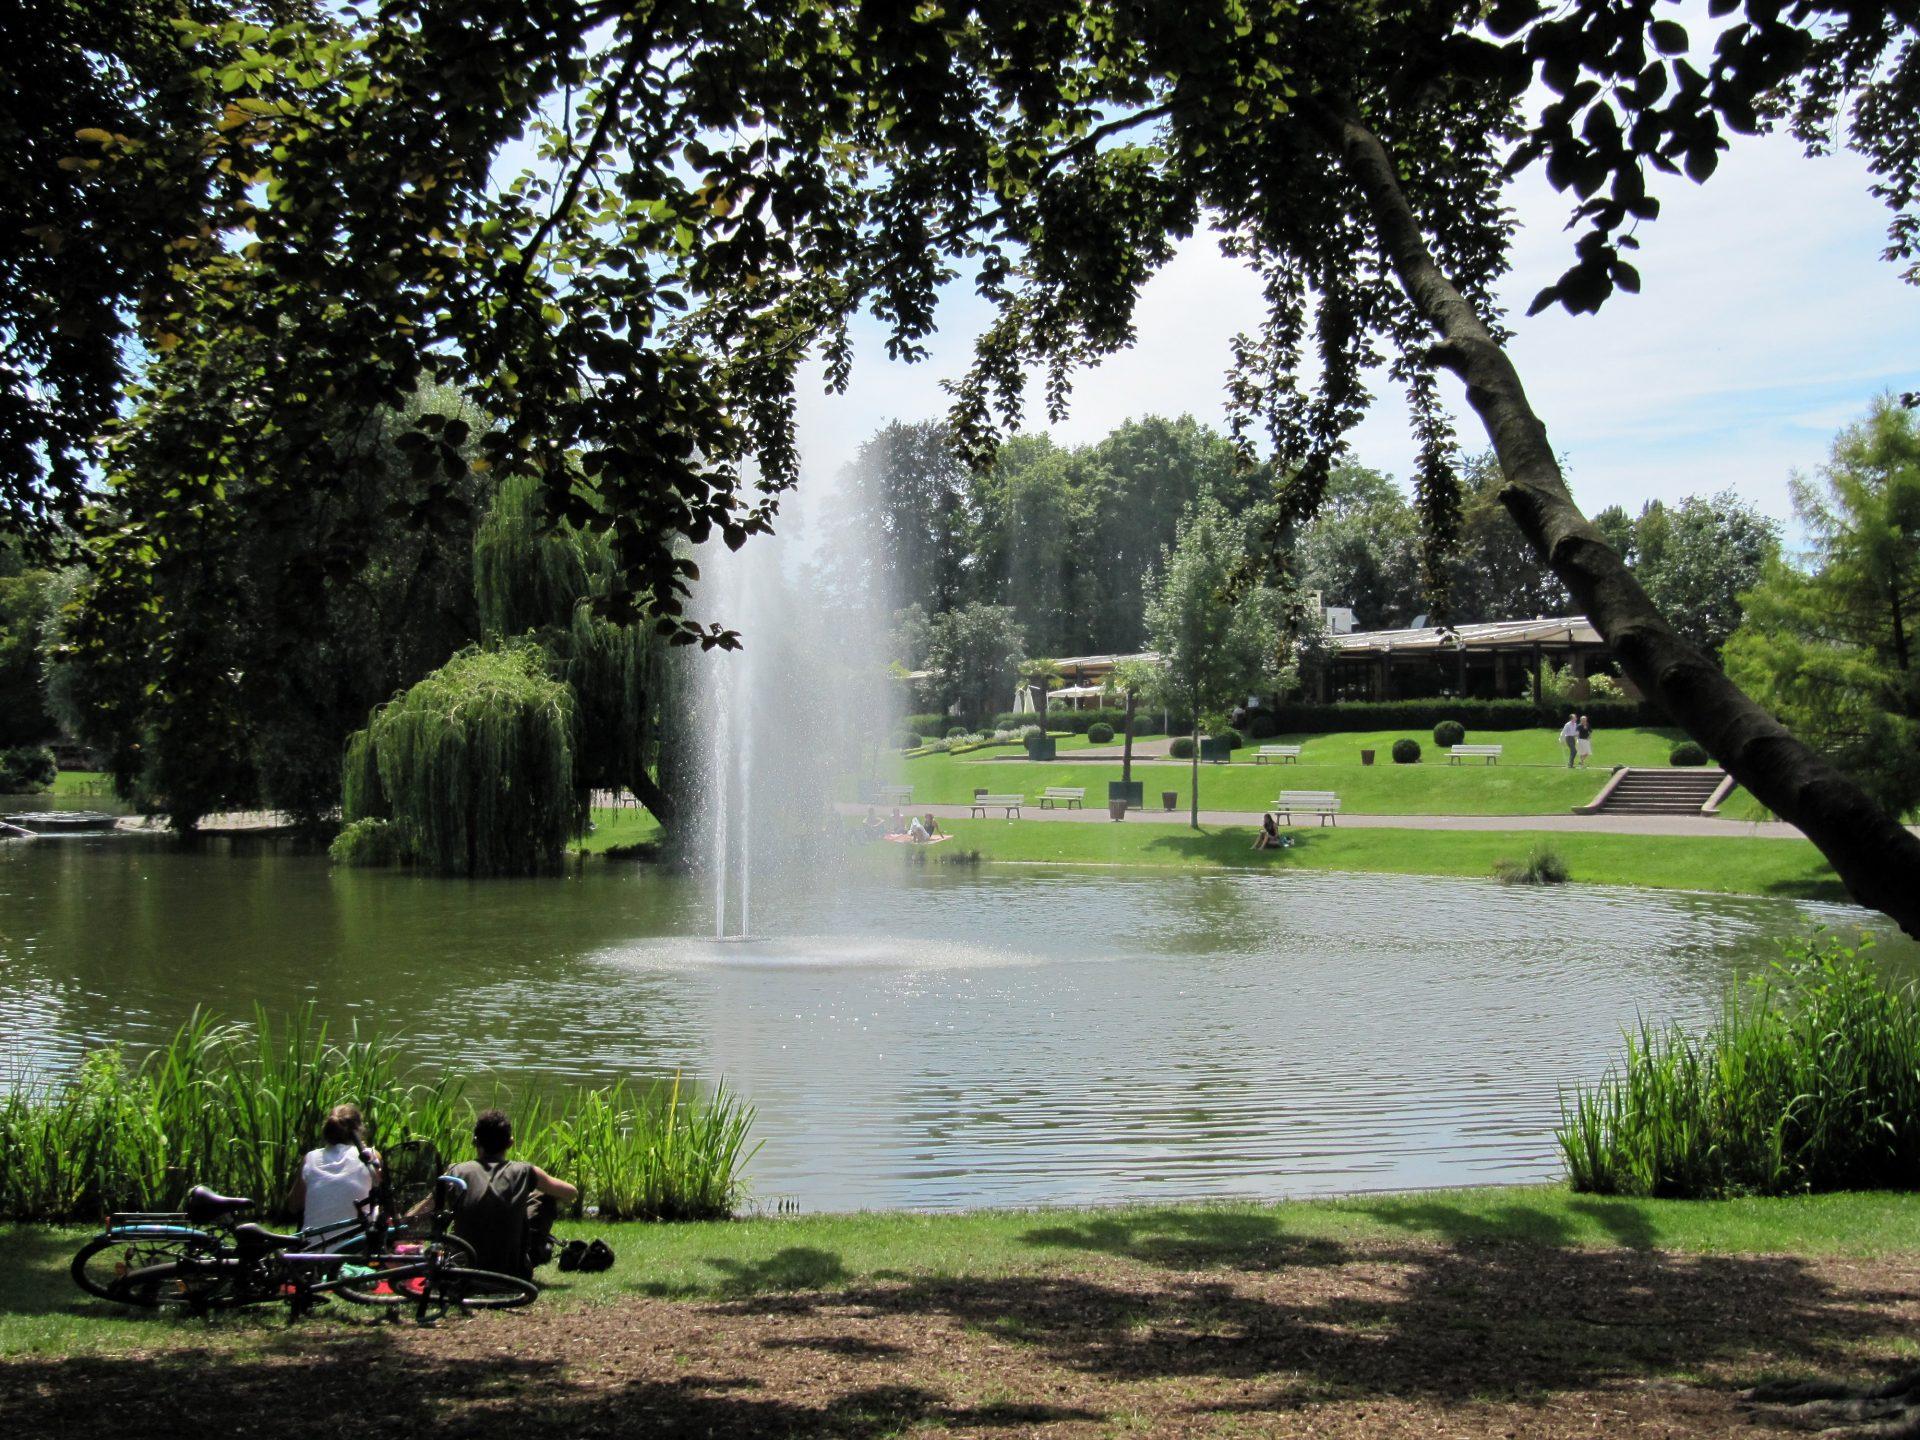 Les jardins publics en ville